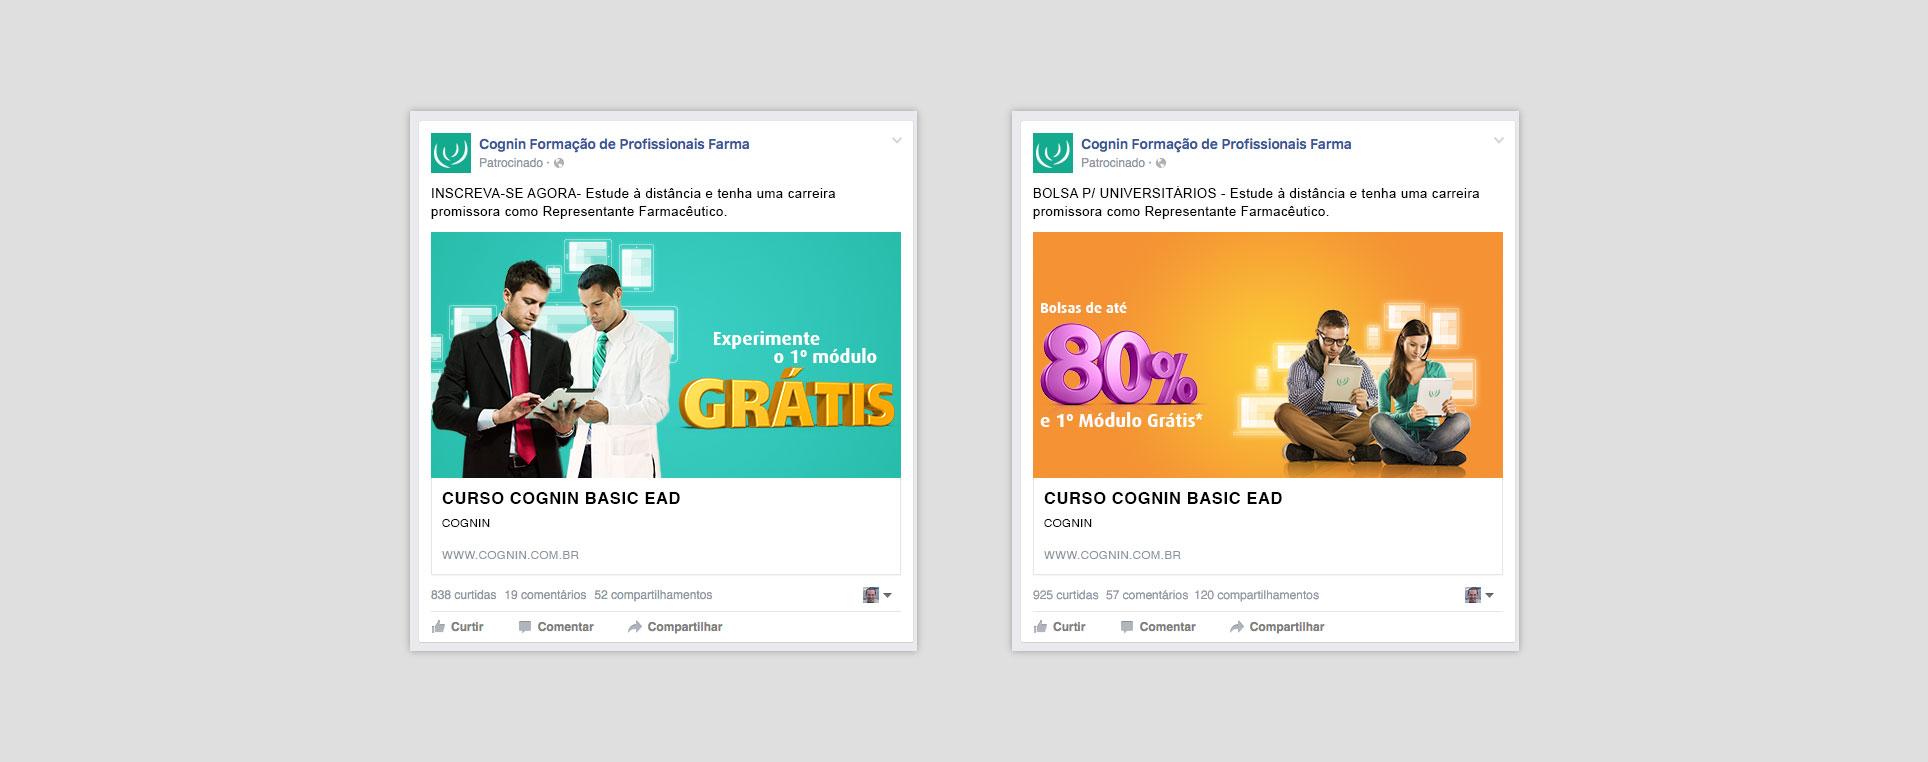 Campanha Facebook Ads Cognin